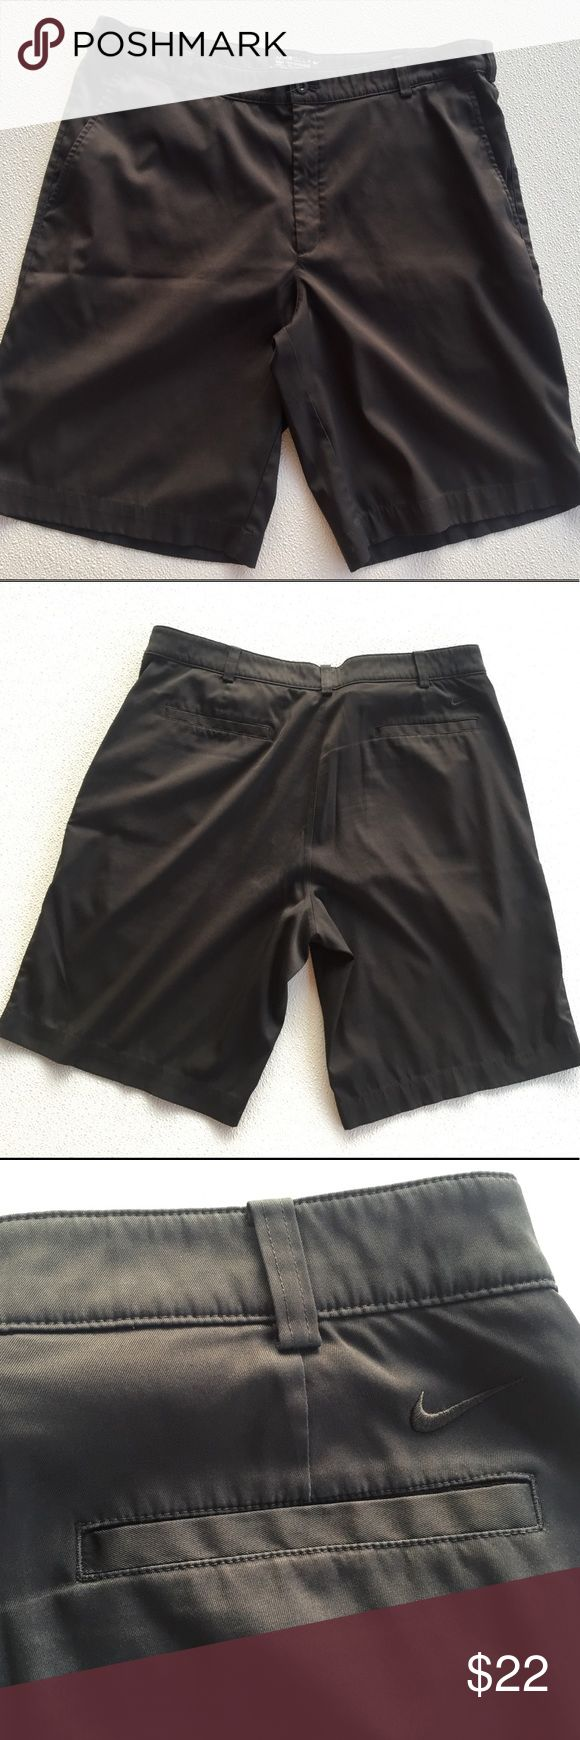 Nike Dri Fit Golf Performance Schwarze Shorts 36 Großartige Form! Bilder ansehen & fragen? 'S …   – My Posh Picks